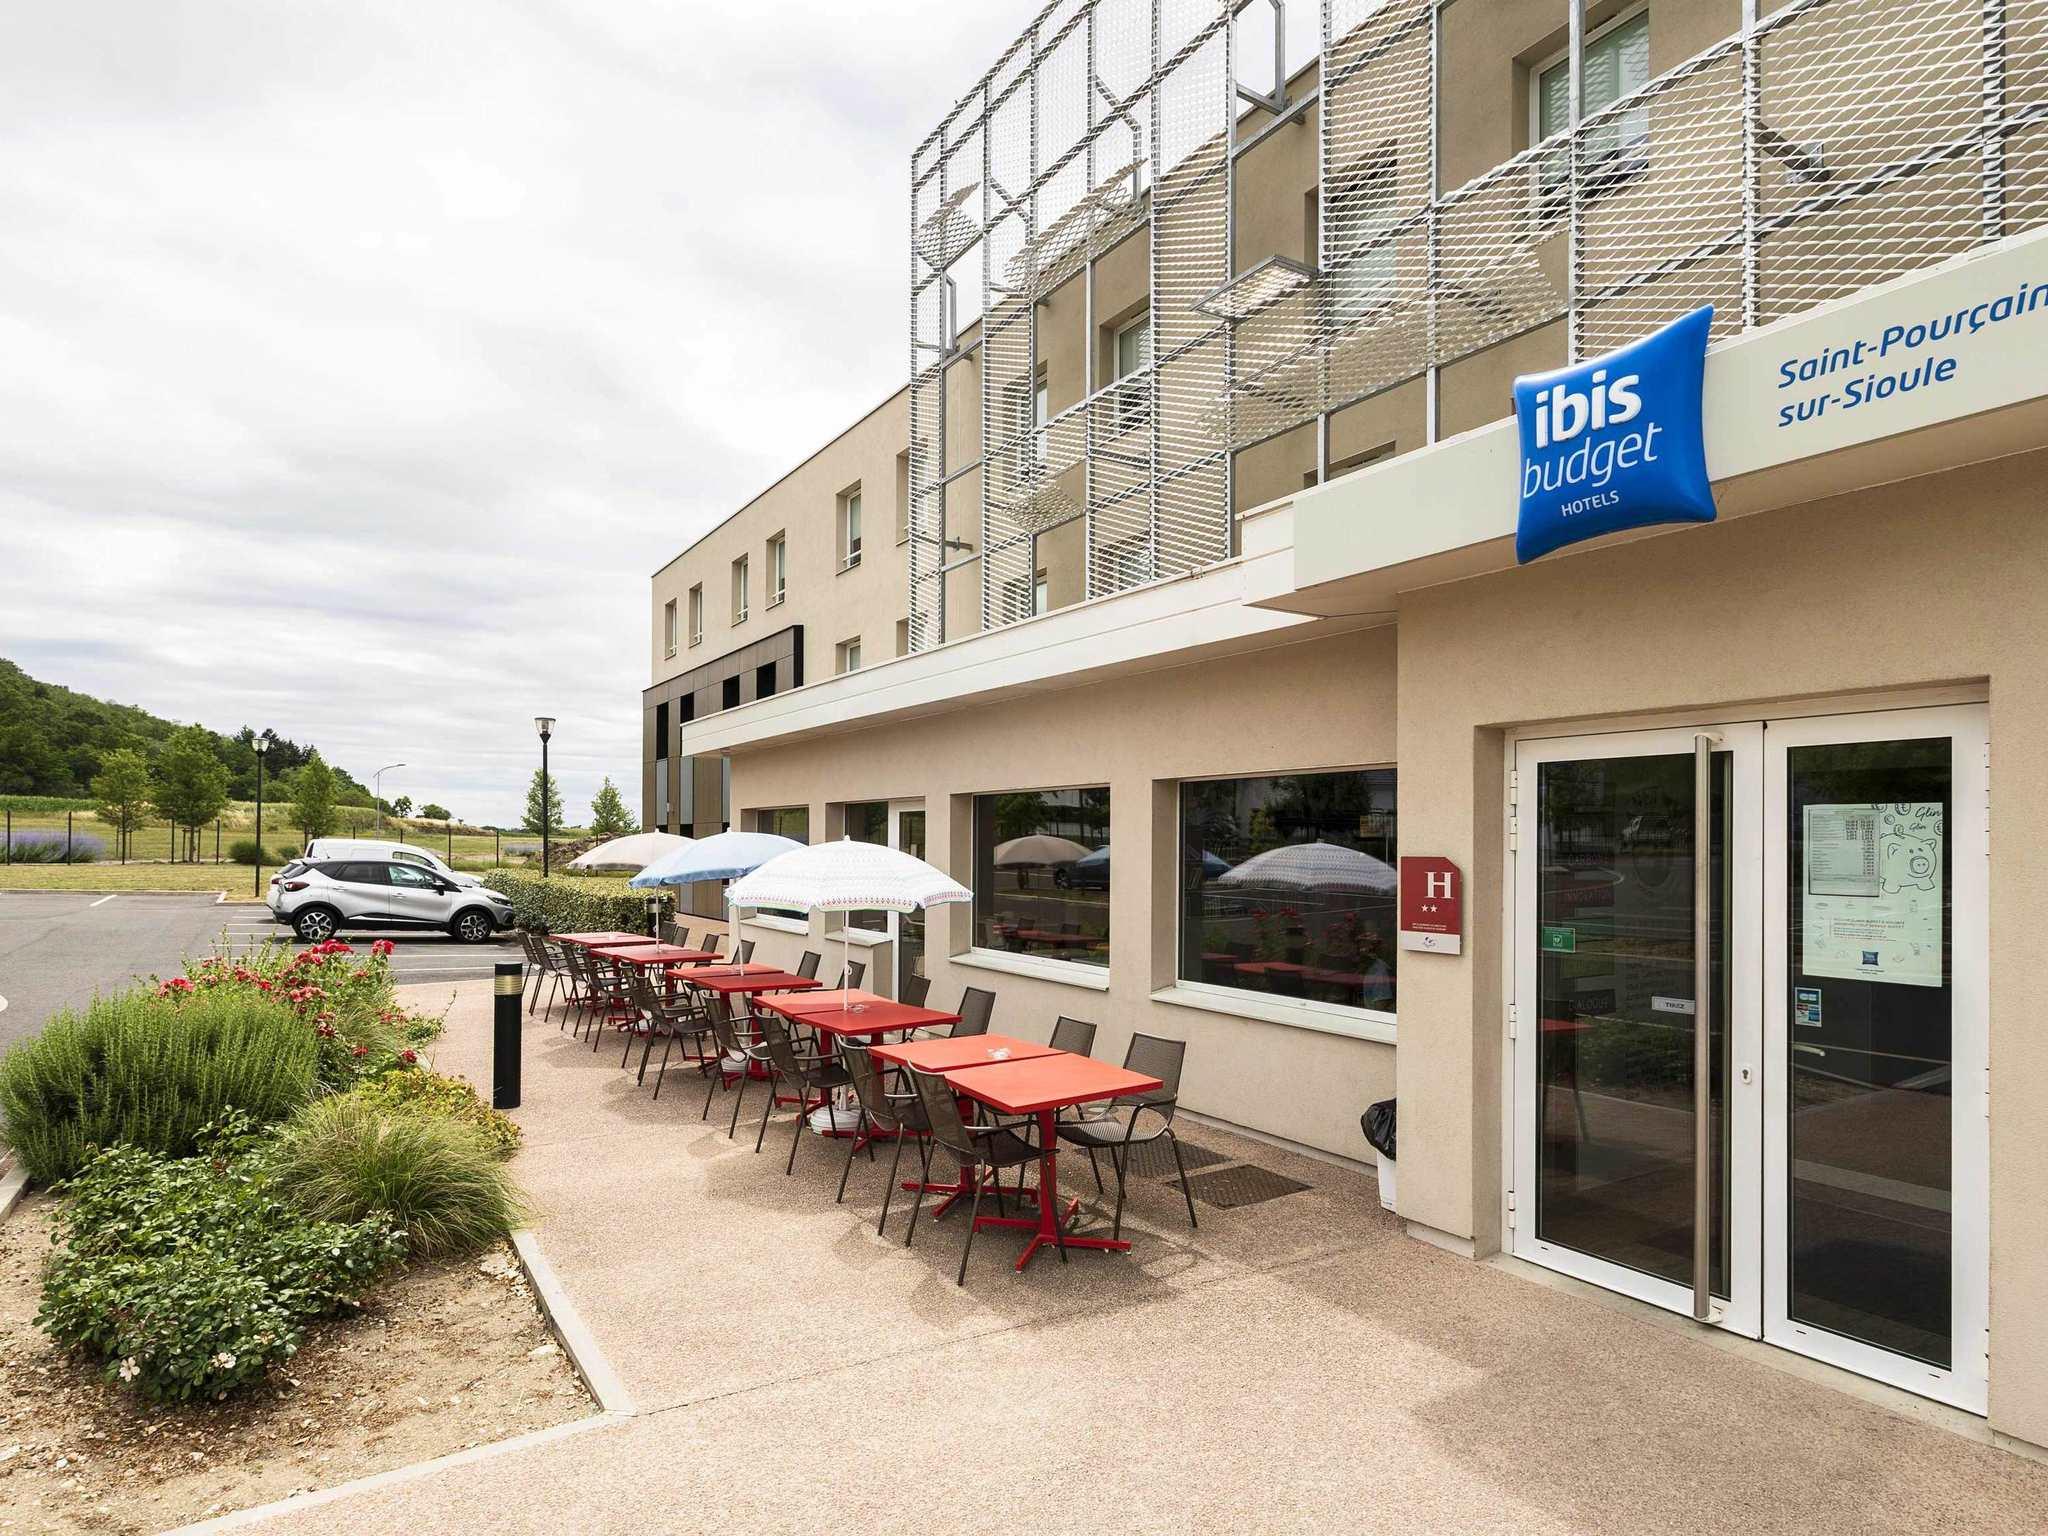 Hotel – ibis budget Saint Pourcain sur Sioule